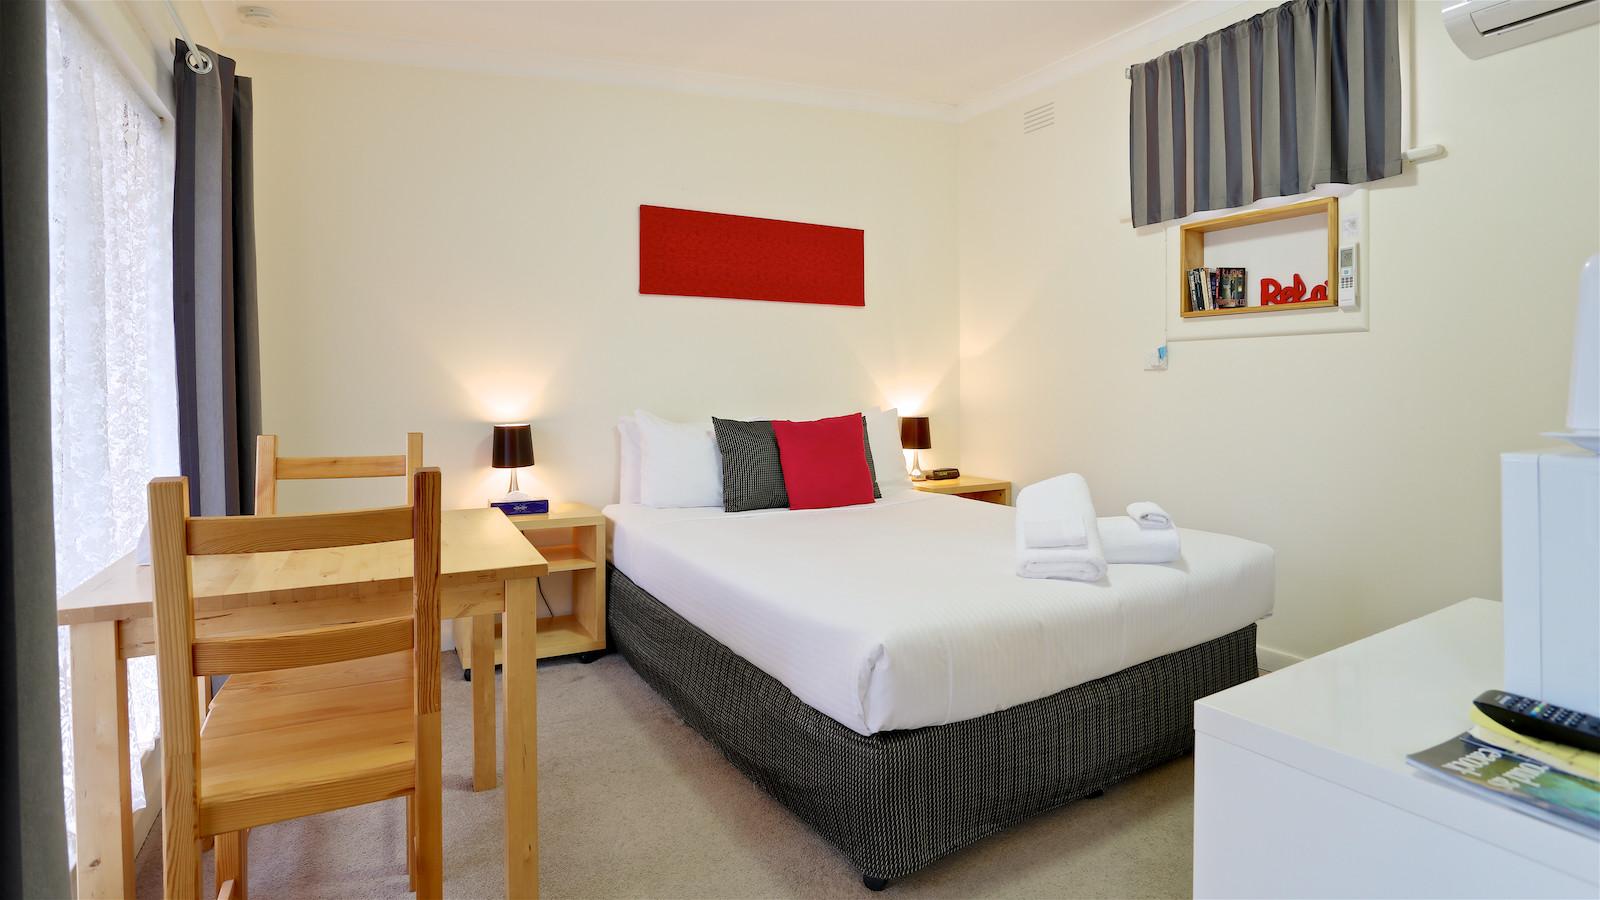 Euroa Motor Inn Queen Room